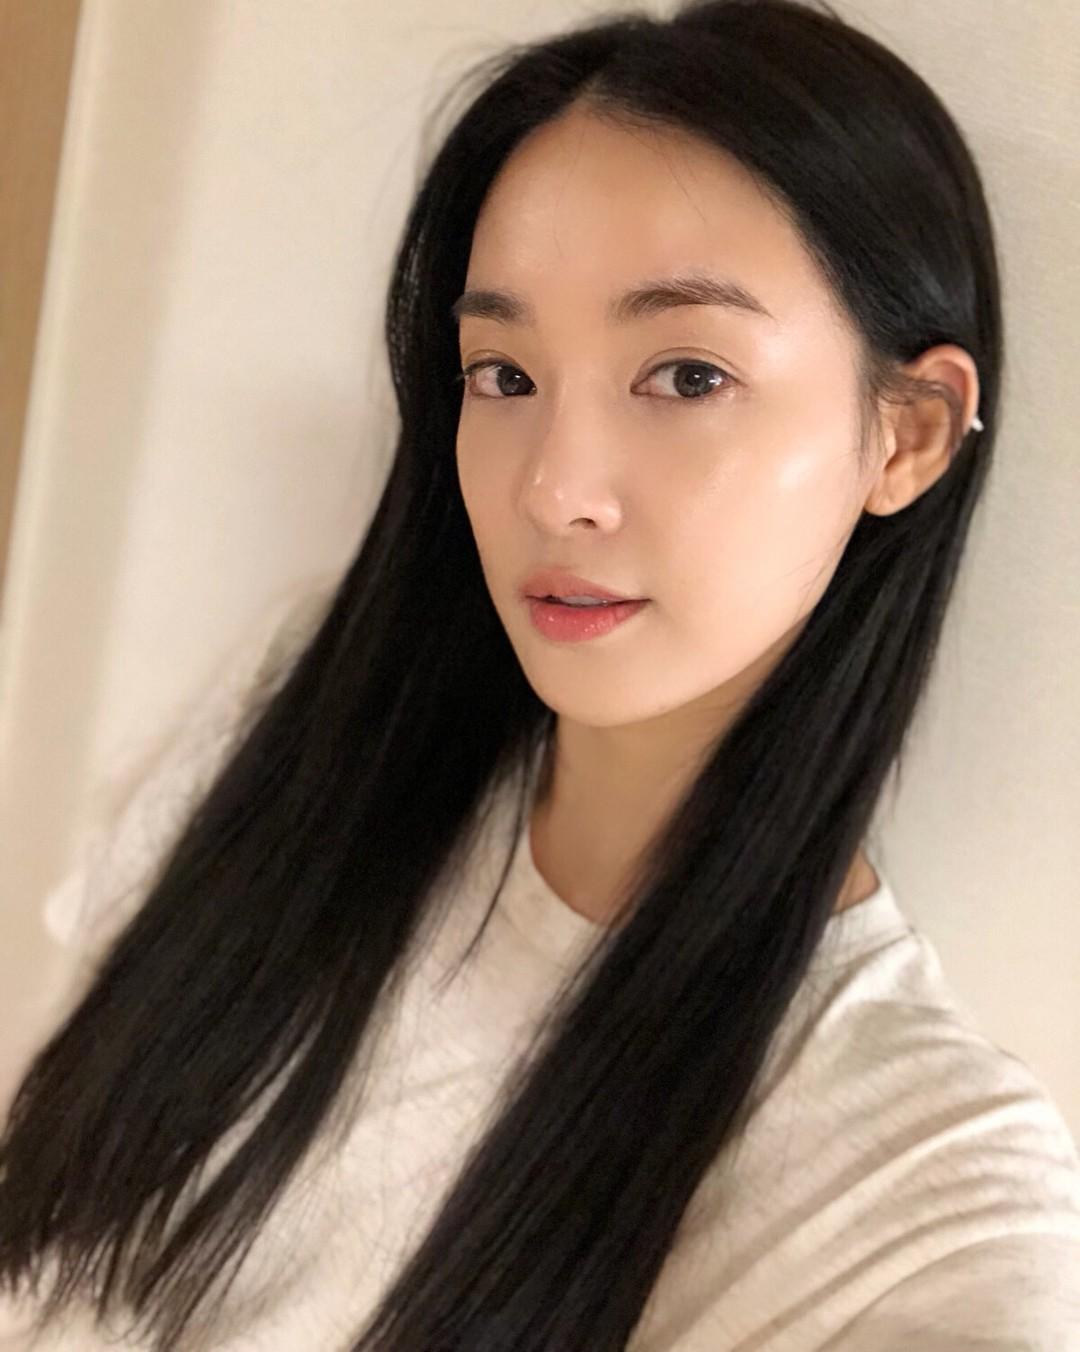 """Mỹ phẩm mà """"bạn gái G-Dragon"""" Lee Joo Yeon sử dụng cũng có món bình dân chỉ 75.000VNĐ - Ảnh 10."""